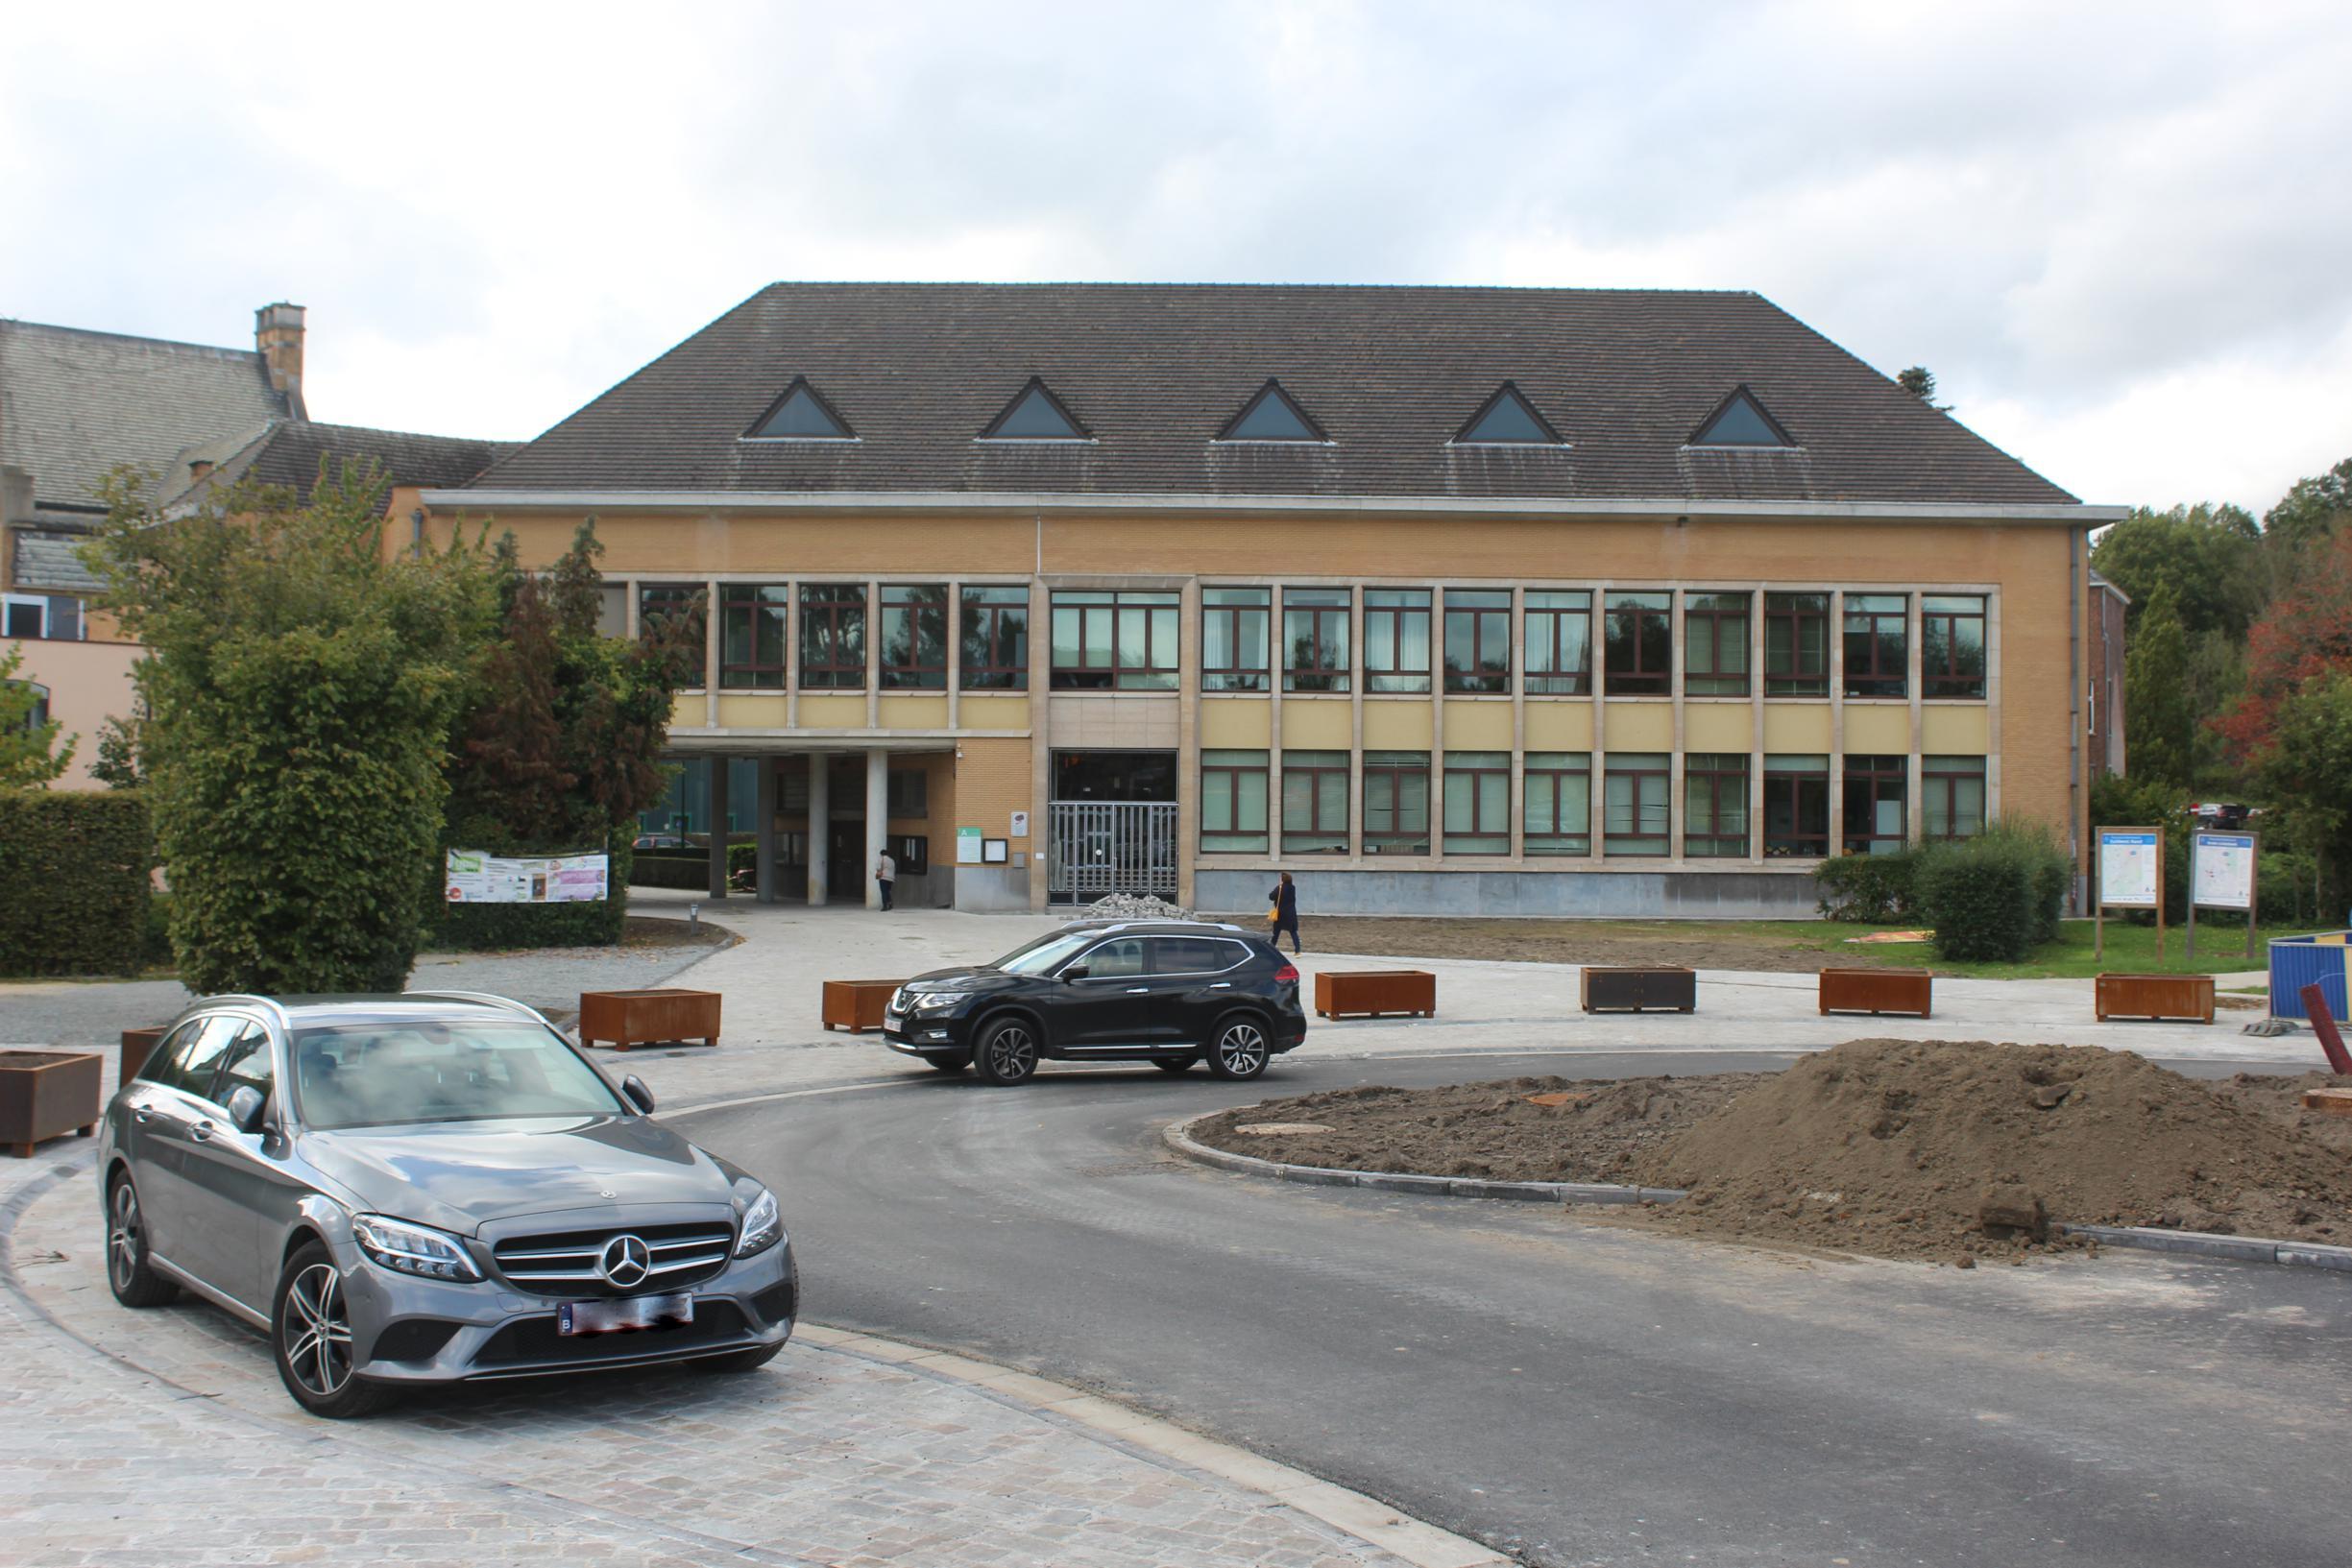 Kiss-and-ride achter gemeentehuis voor meer veiligheid aan schoolpoort